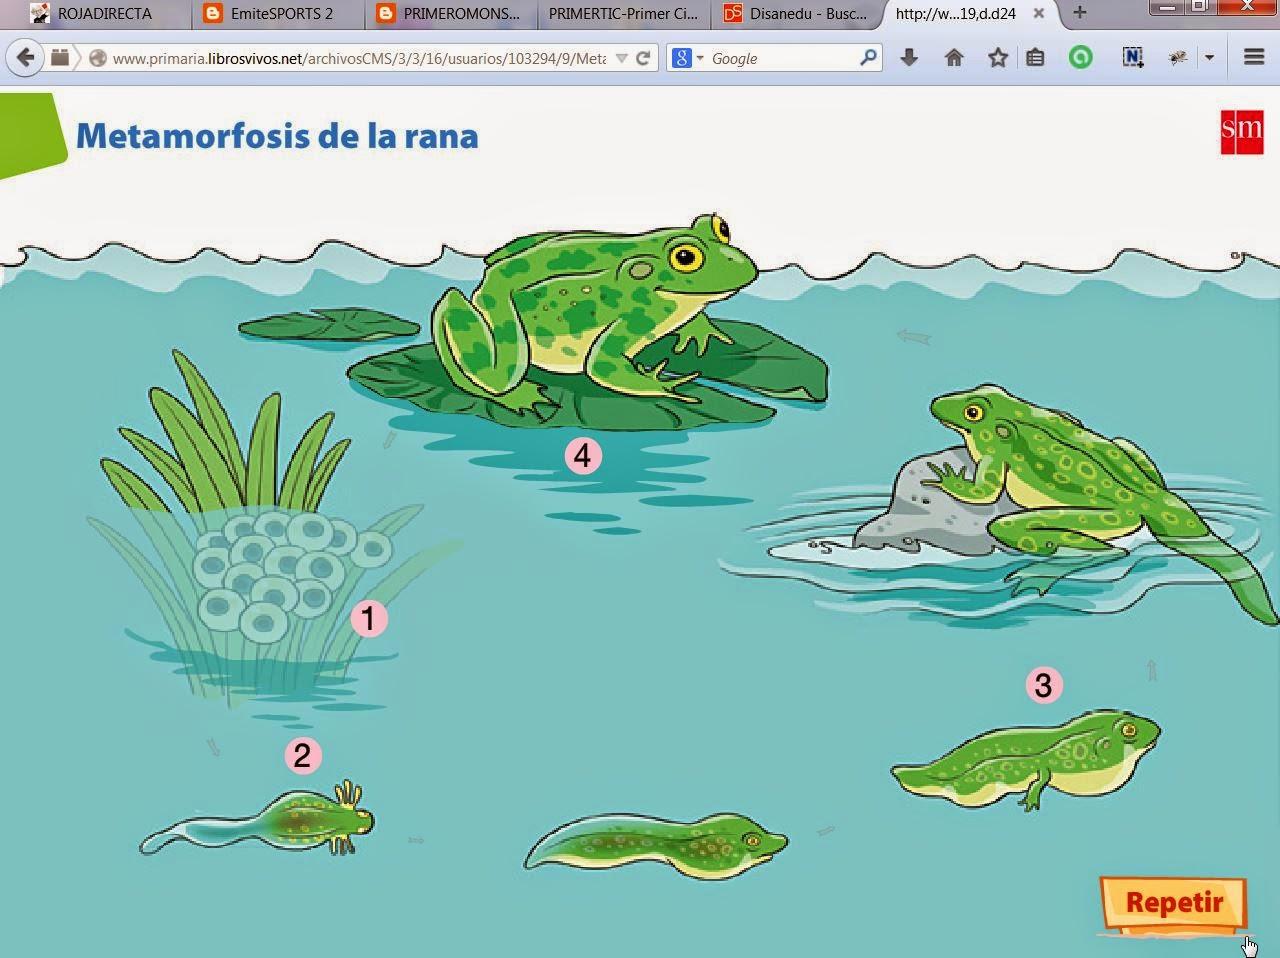 PRIMEROMONSALUD: La metamorfosis de la rana